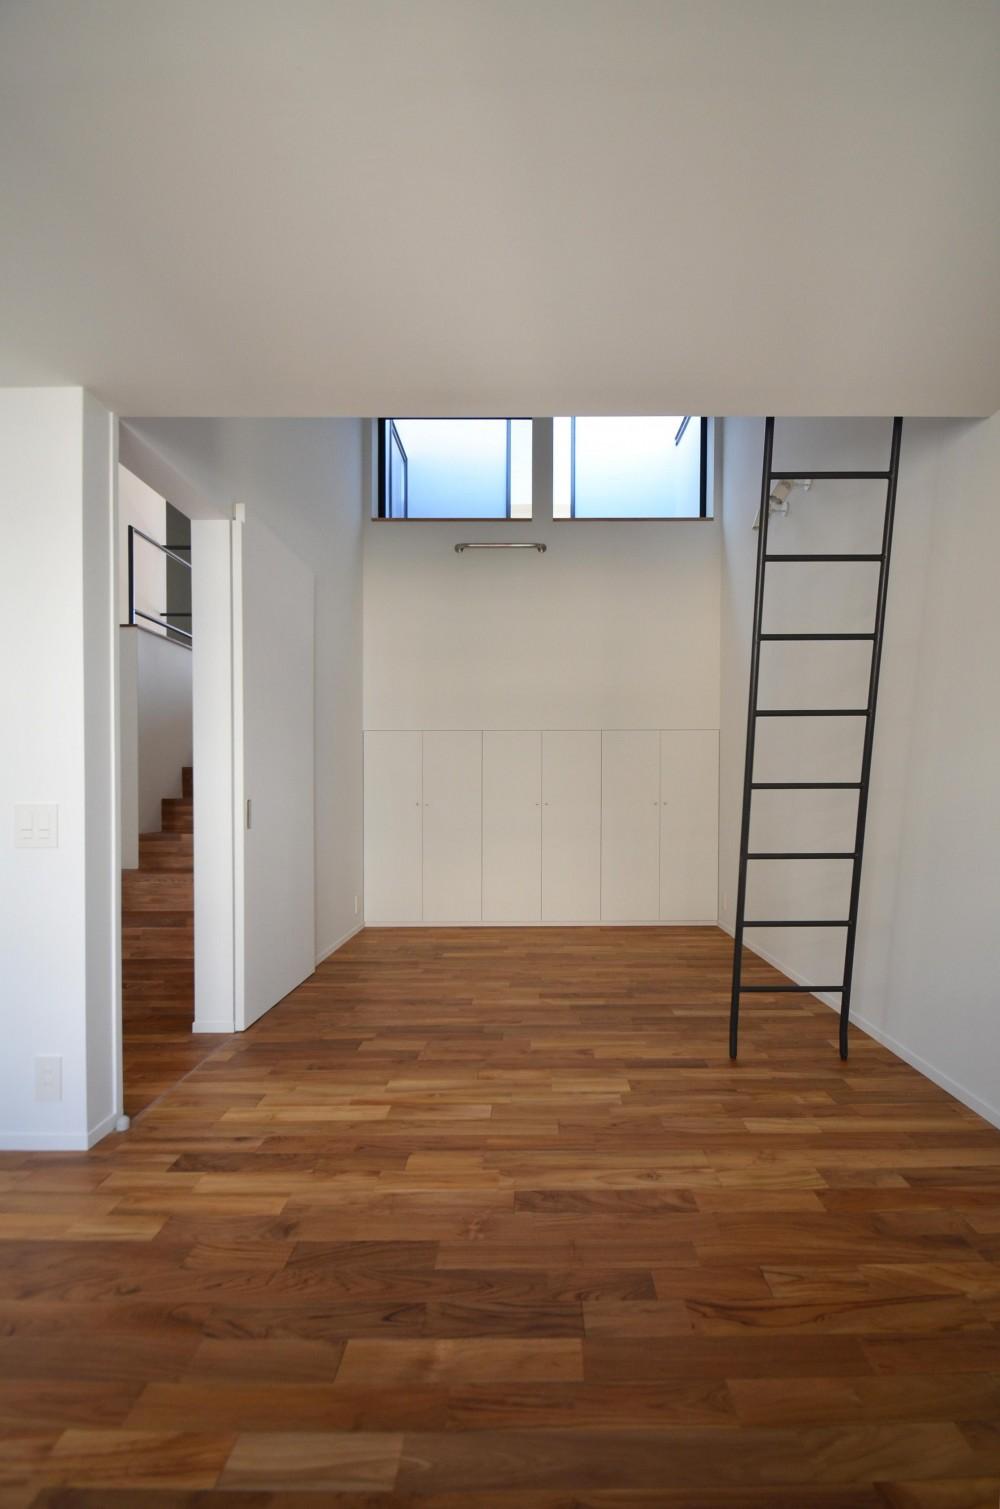 青葉台KM邸-都市公園の緑を借景とするスキップフロアの二世帯住宅- (寝室とロフトへ上がるはしご)